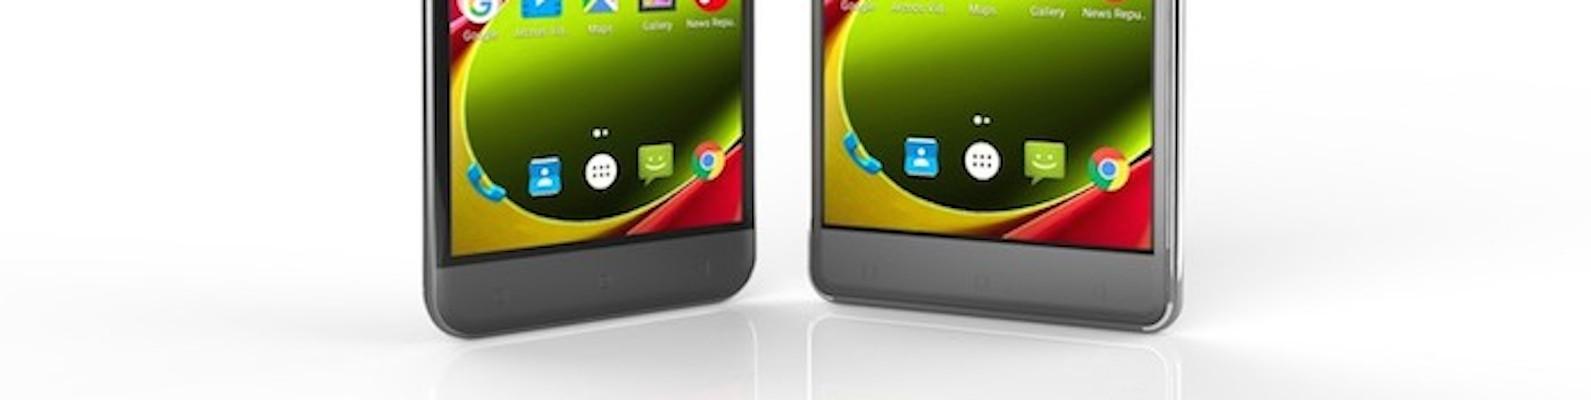 ARCHOS Cobalt Smartphones